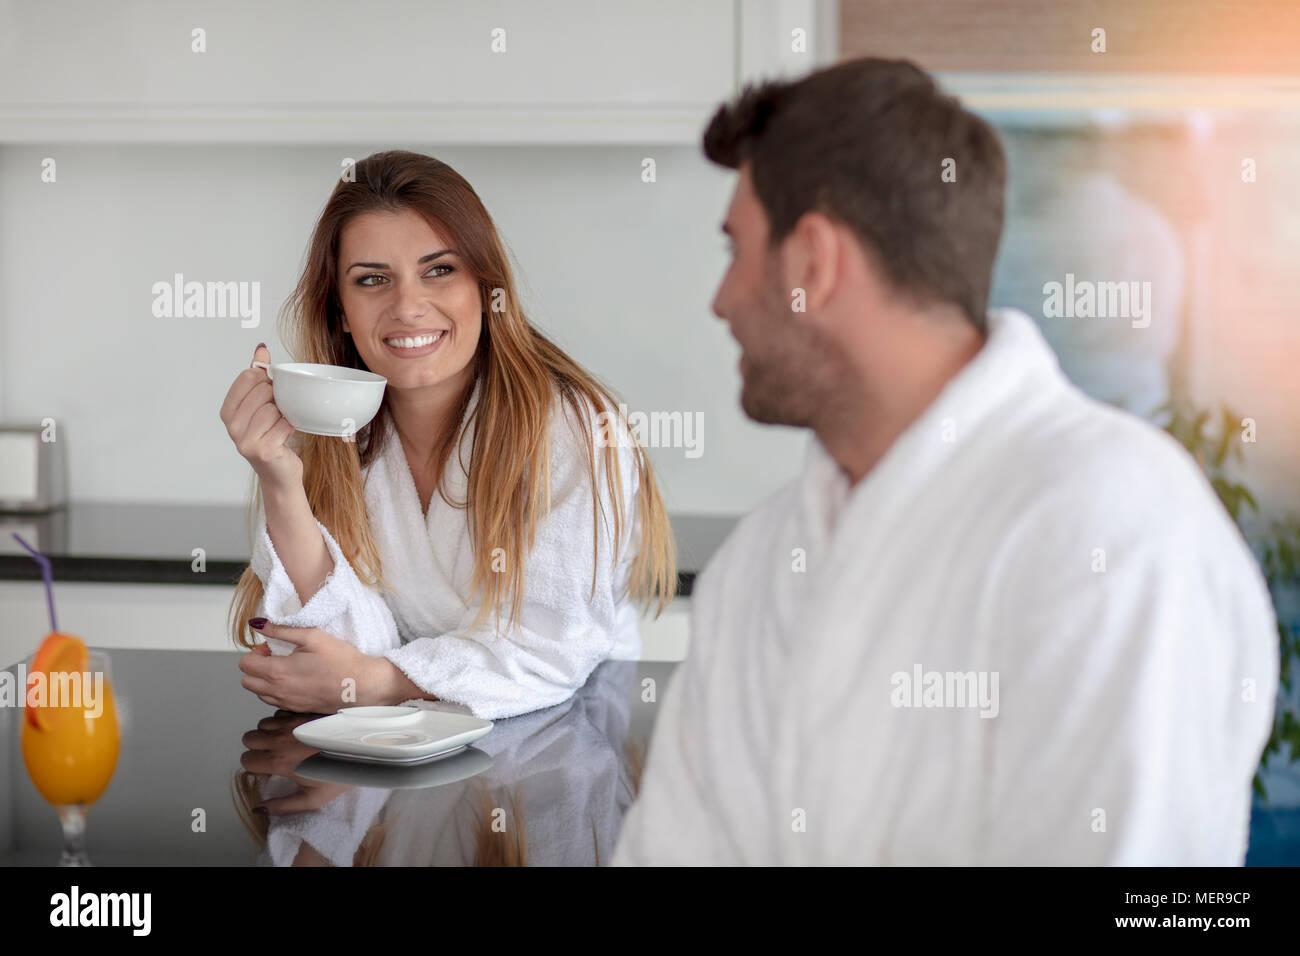 Ritratto di un uomo e di sua moglie in cucina mentre si consuma la colazione Immagini Stock